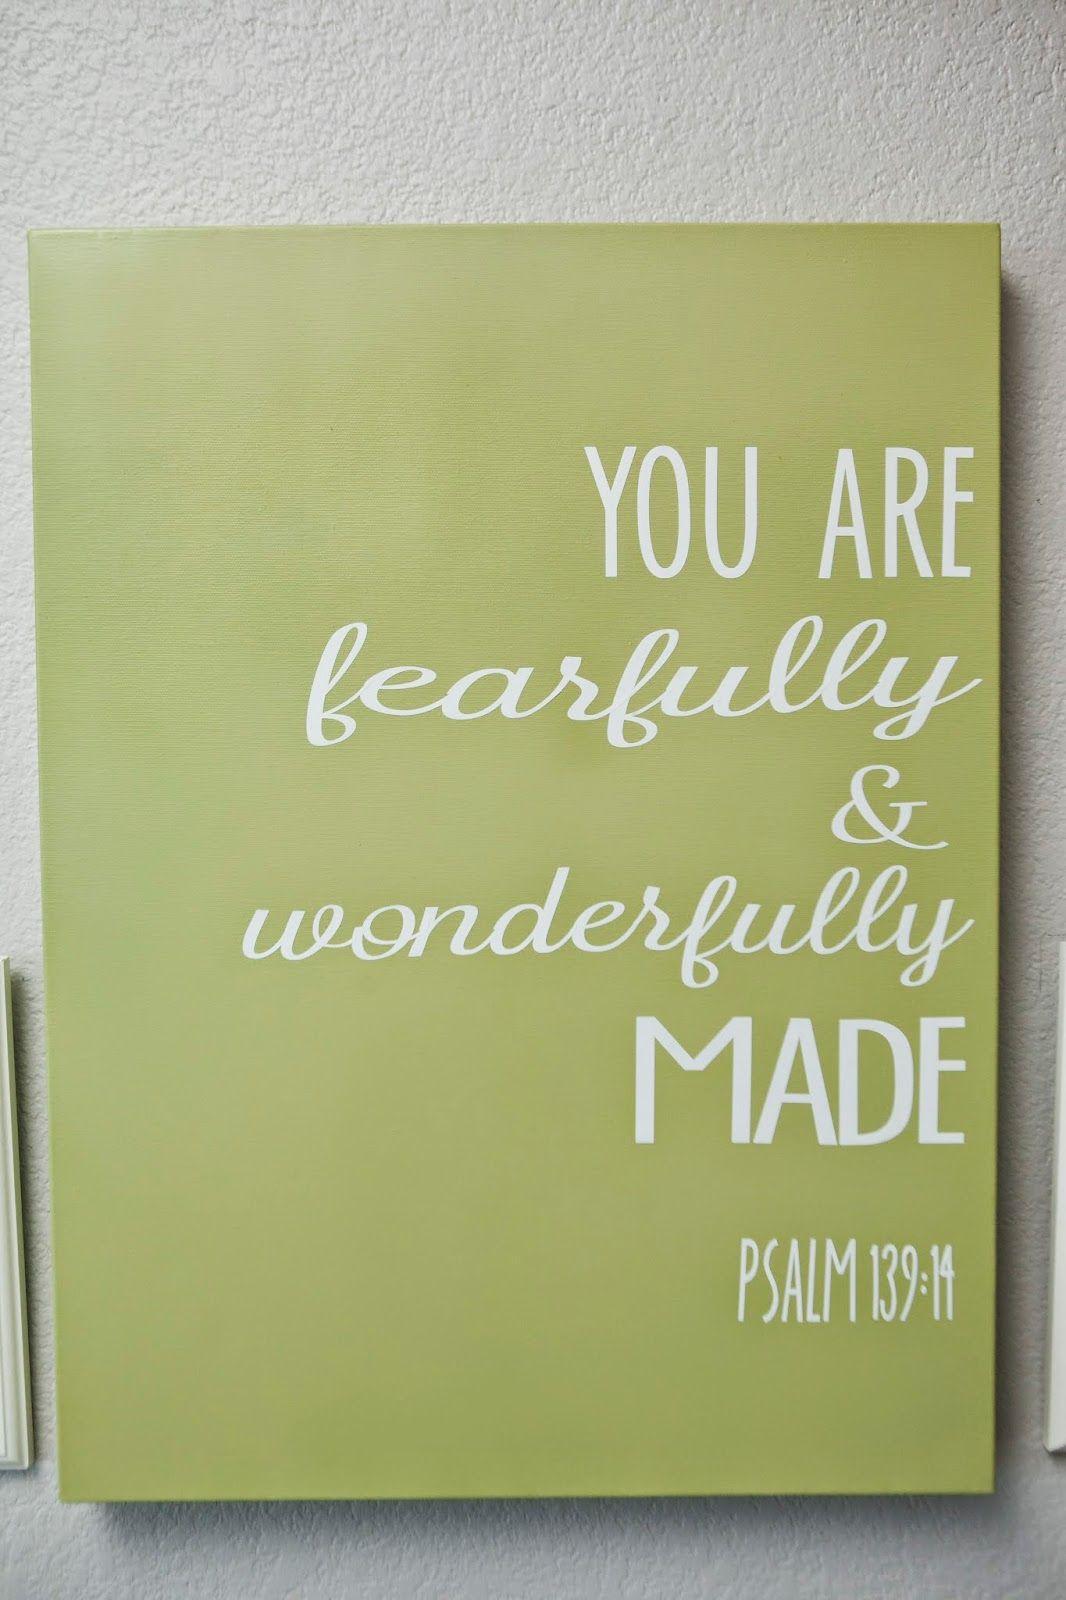 One of my favorite verses. | Speaking words of wisdom | Pinterest ...